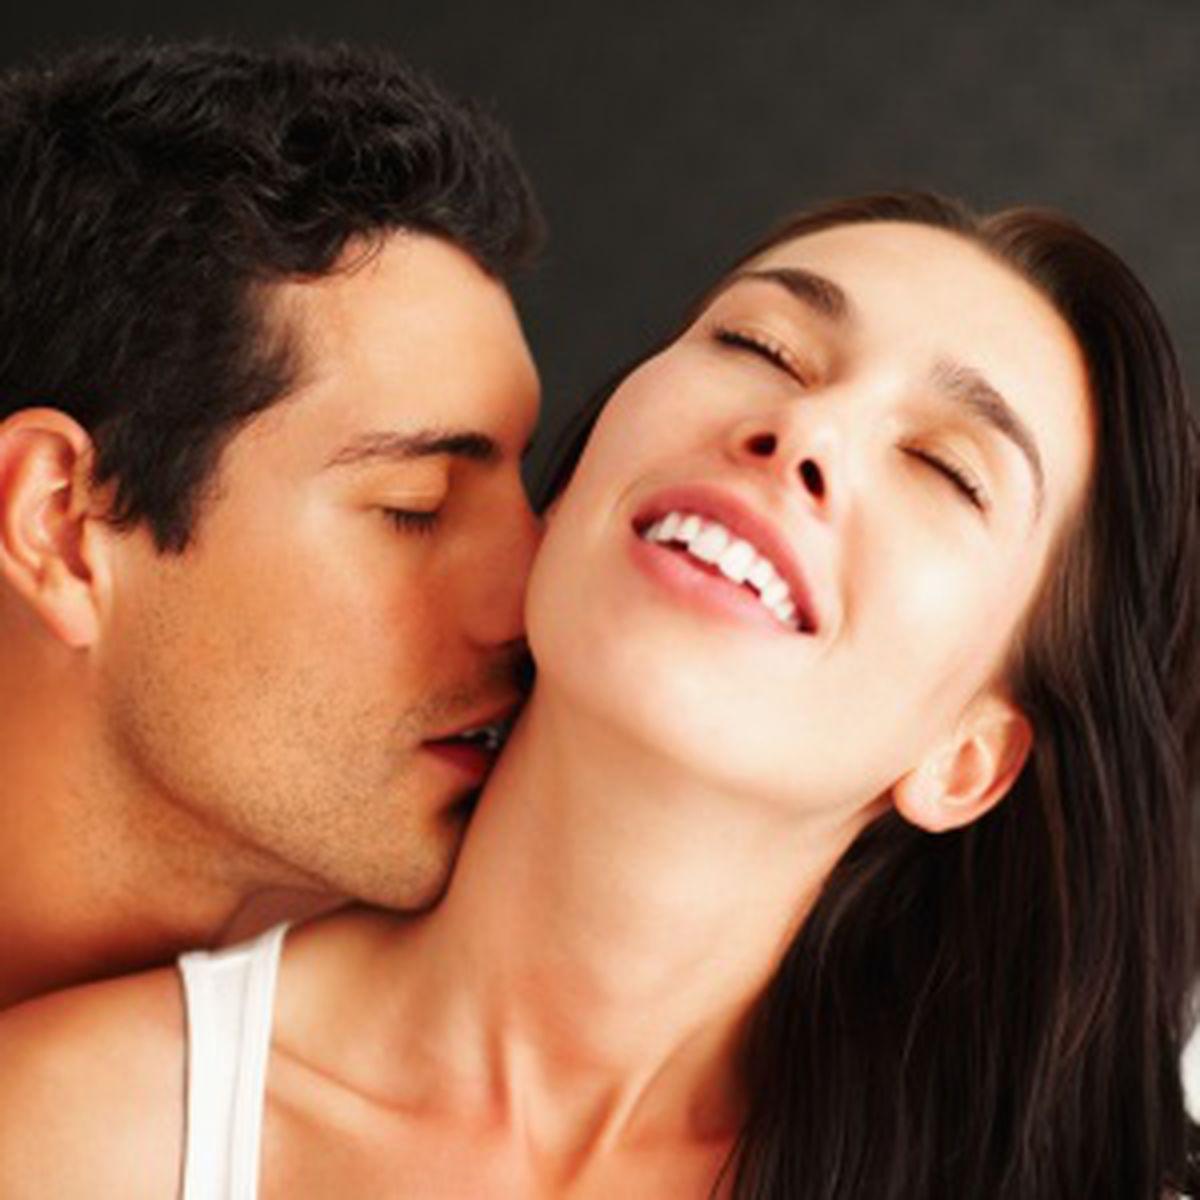 Cum să faci sex dacă partenerul are penisul prea mic